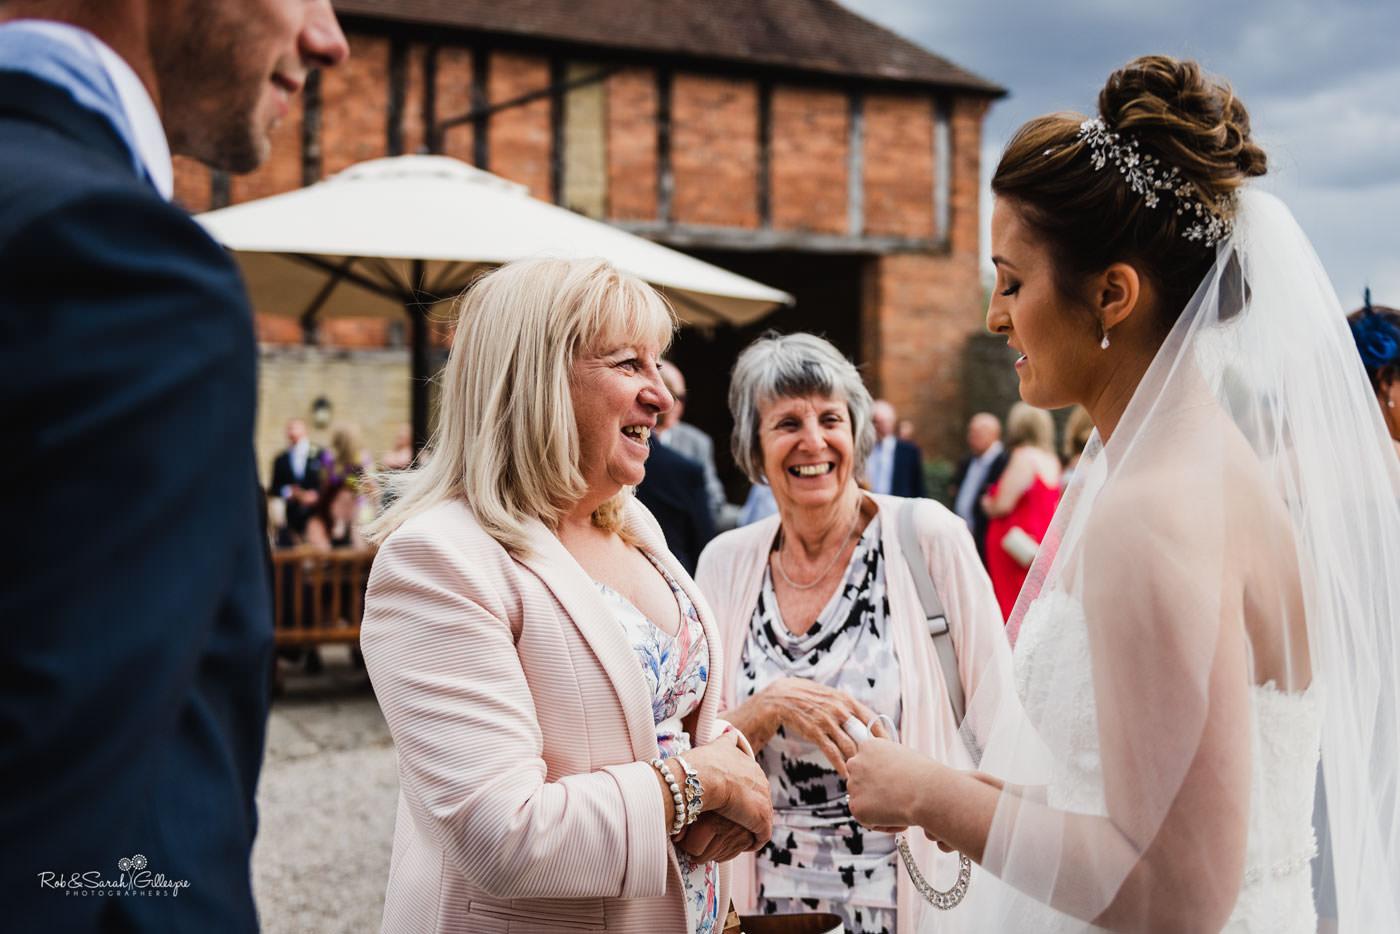 Wedding receptikon at Delbury Hall in Shropshire